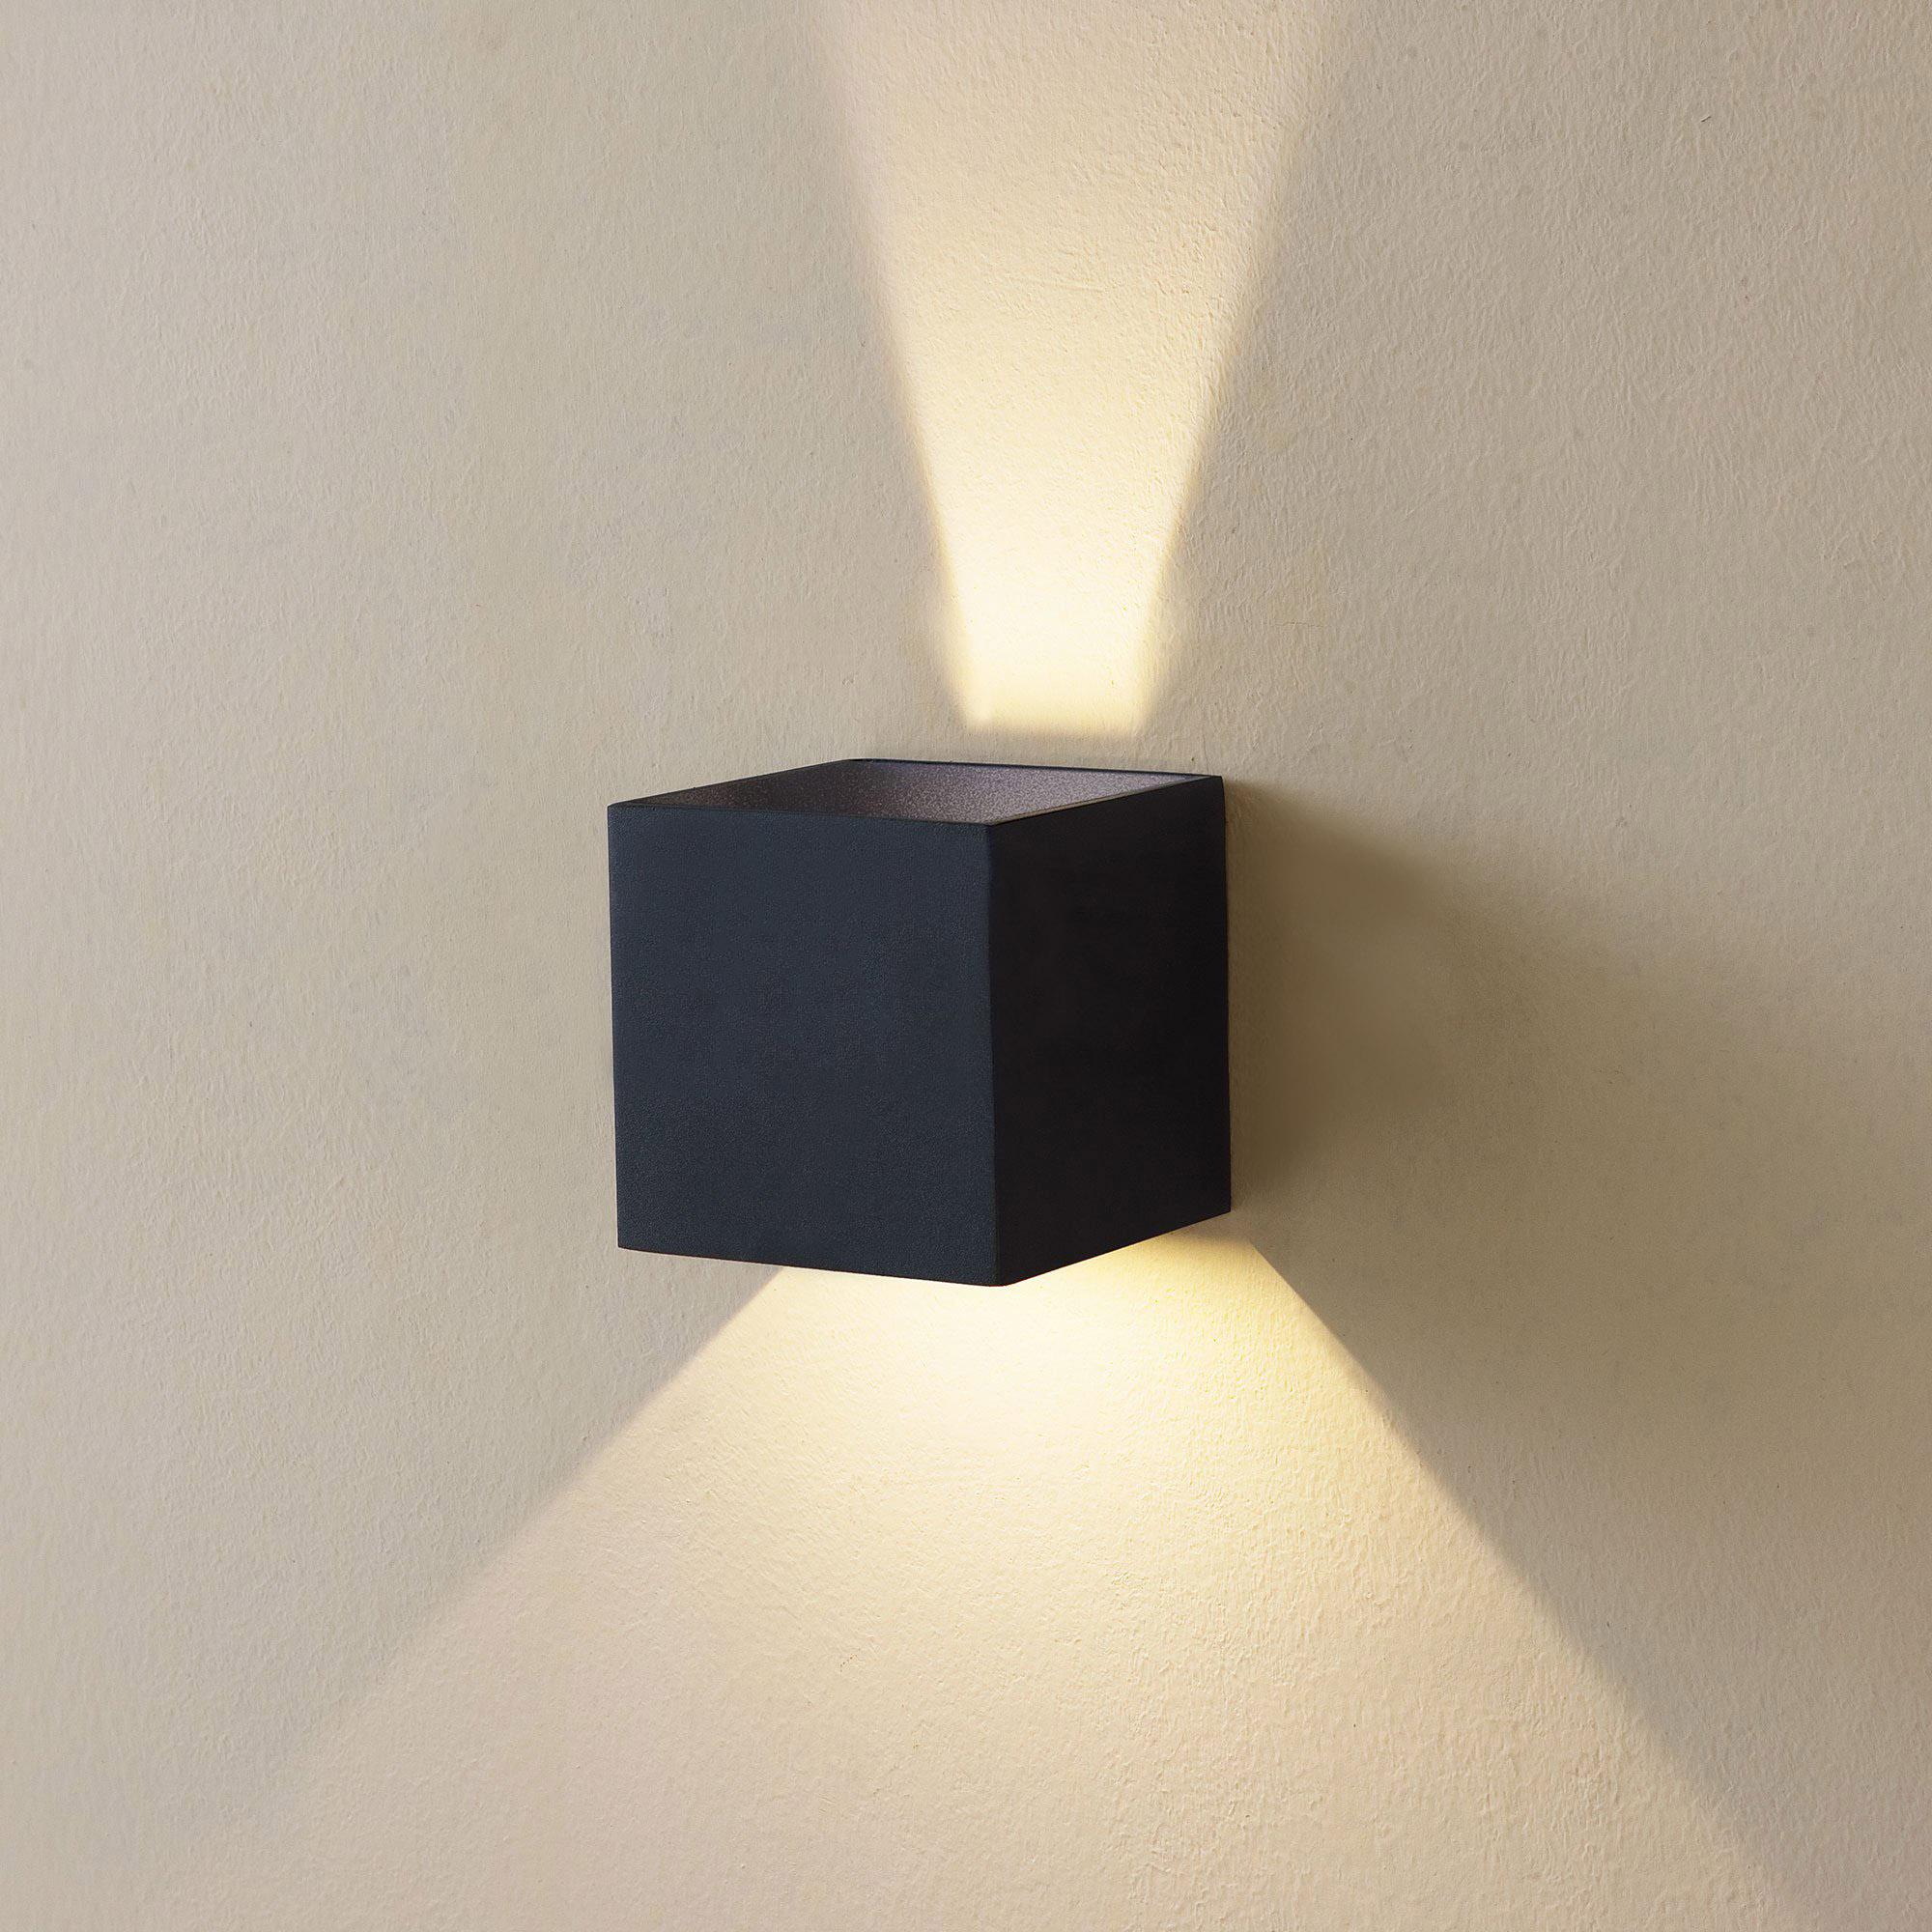 Бра Citilux Декарт-6 CL704061 настенный светильник citilux декарт 6 cl704061 6 вт